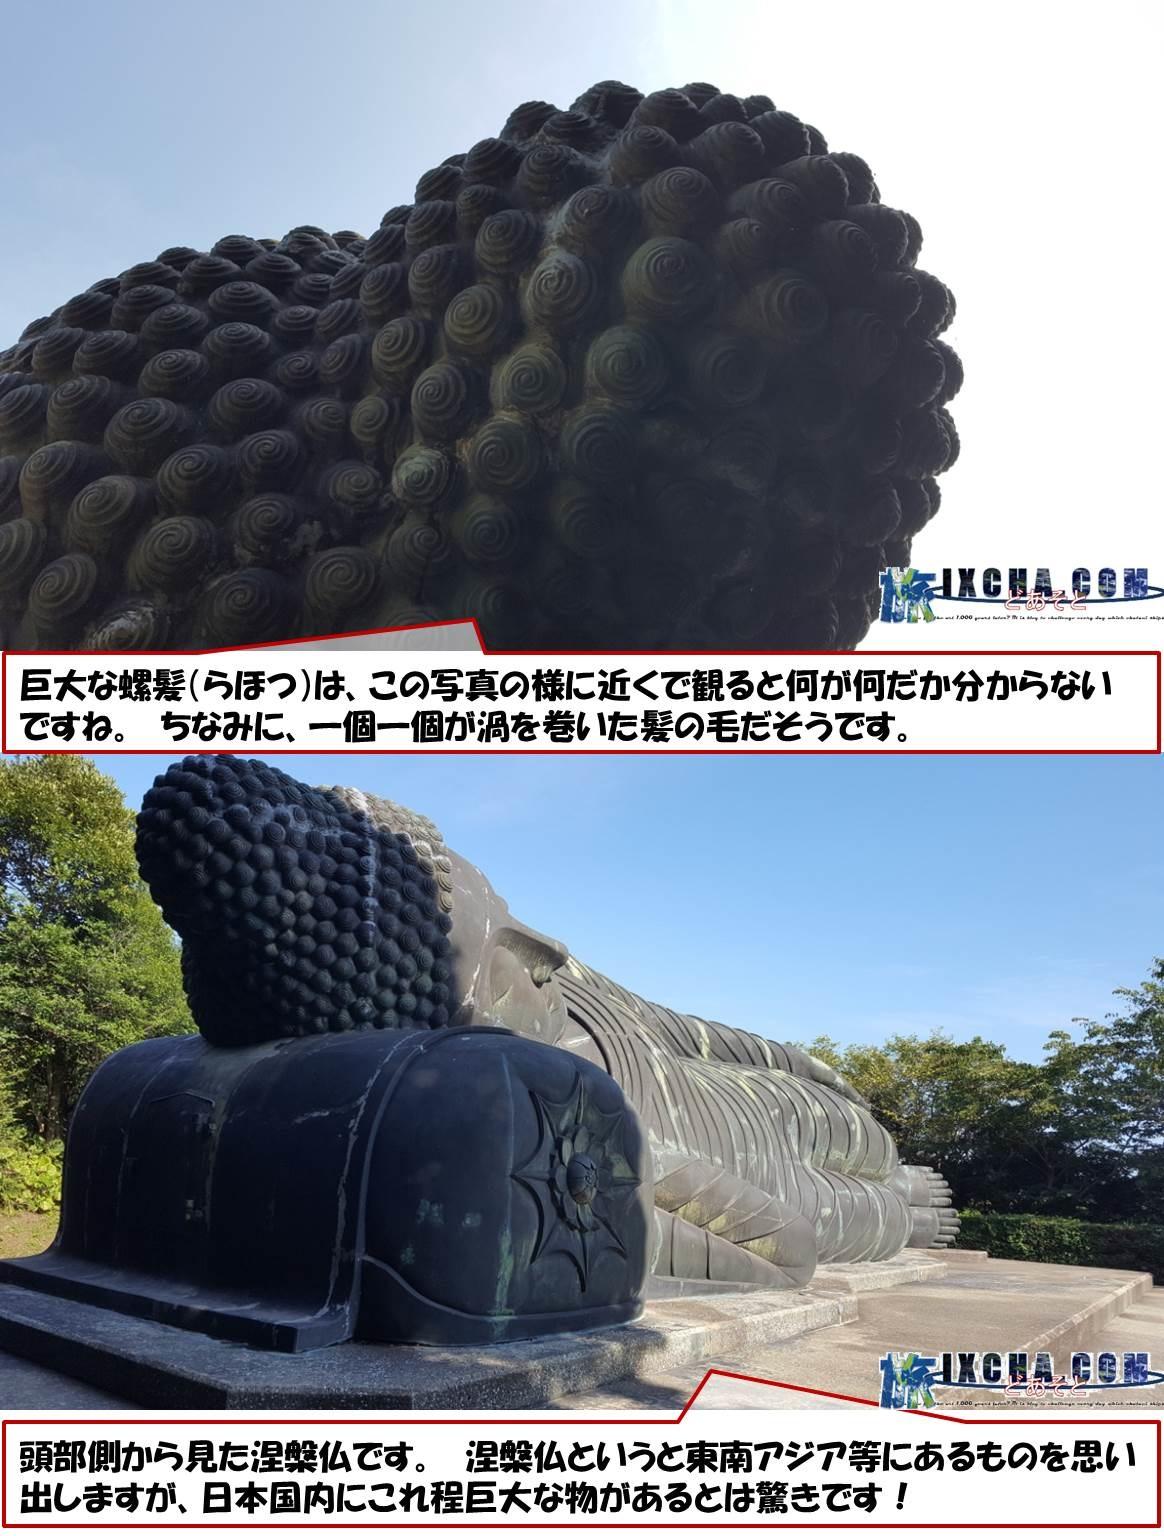 巨大な螺髪(らほつ)は、この写真の様に近くで観ると何が何だか分からないですね。 ちなみに、一個一個が渦を巻いた髪の毛だそうです。 頭部側から見た涅槃仏です。 涅槃仏というと東南アジア等にあるものを思い出しますが、日本国内にこれ程巨大な物があるとは驚きです!